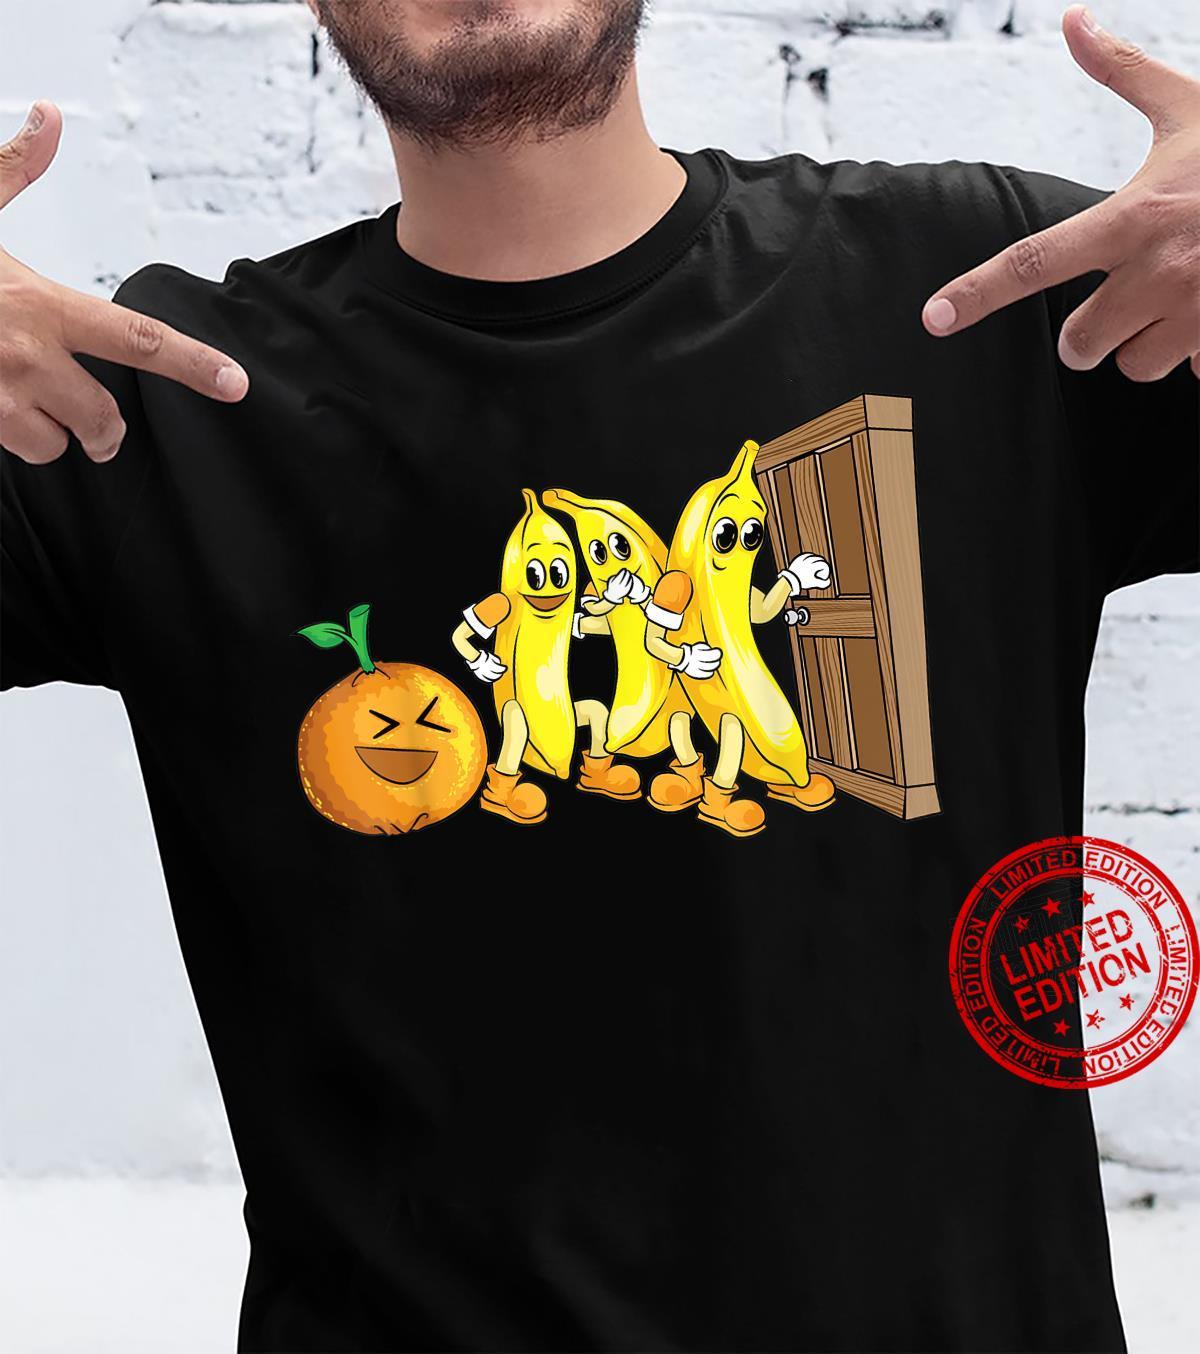 Funny Knock Knock 3 Bananas And Orange Cool Fruit Joke Shirt